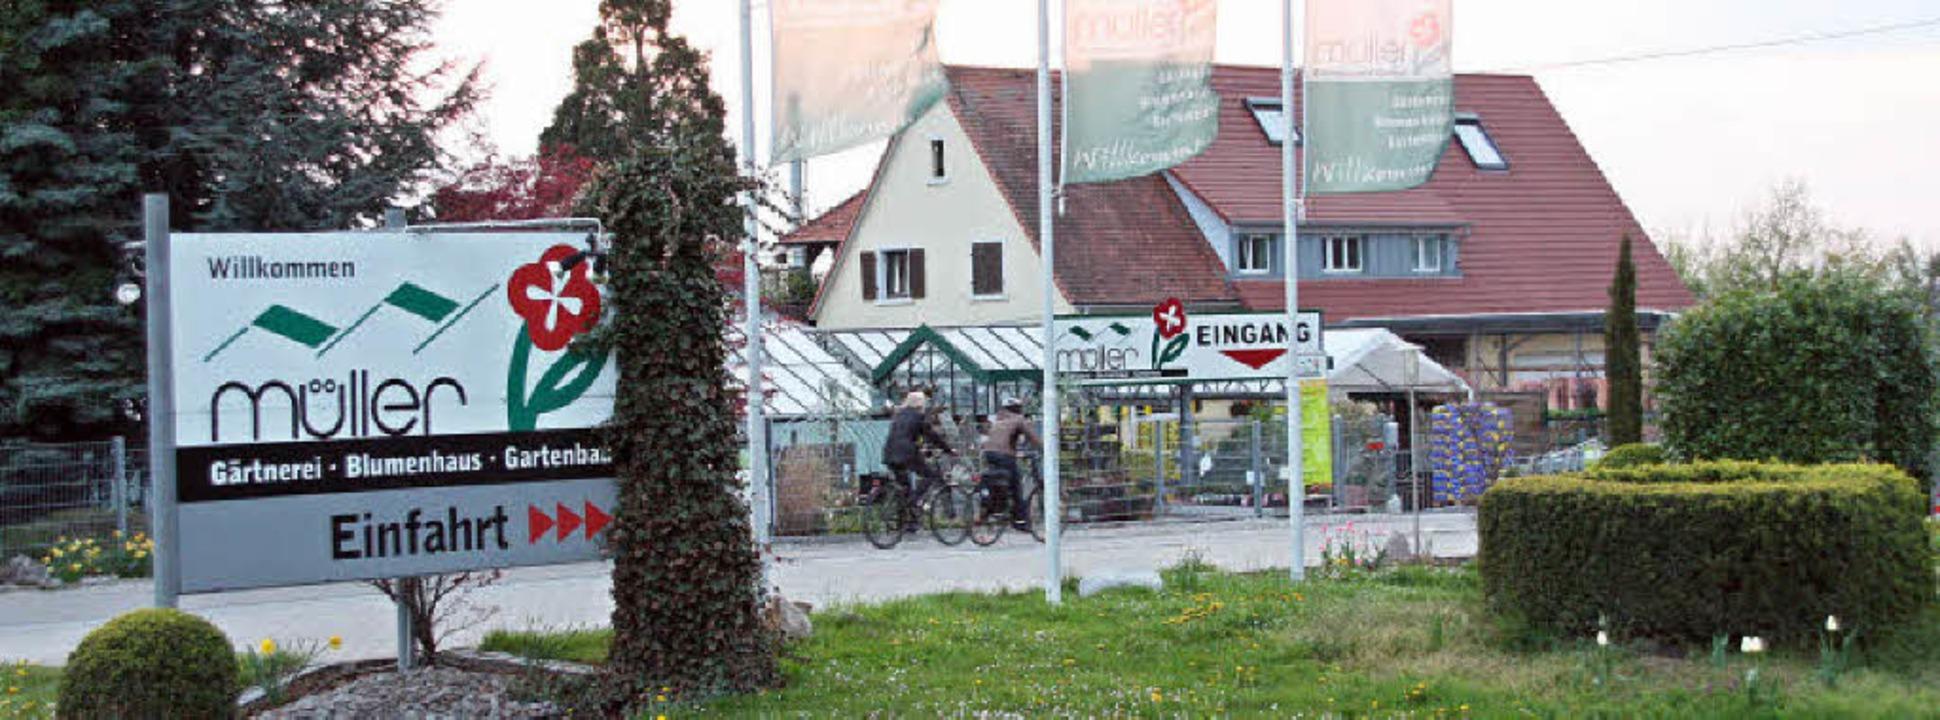 Die Gärtnerei Müller in Schallstadt wi...etrieb erweitern und umstrukturieren.   | Foto: Silvia FalleR /Siegfried Gollrad